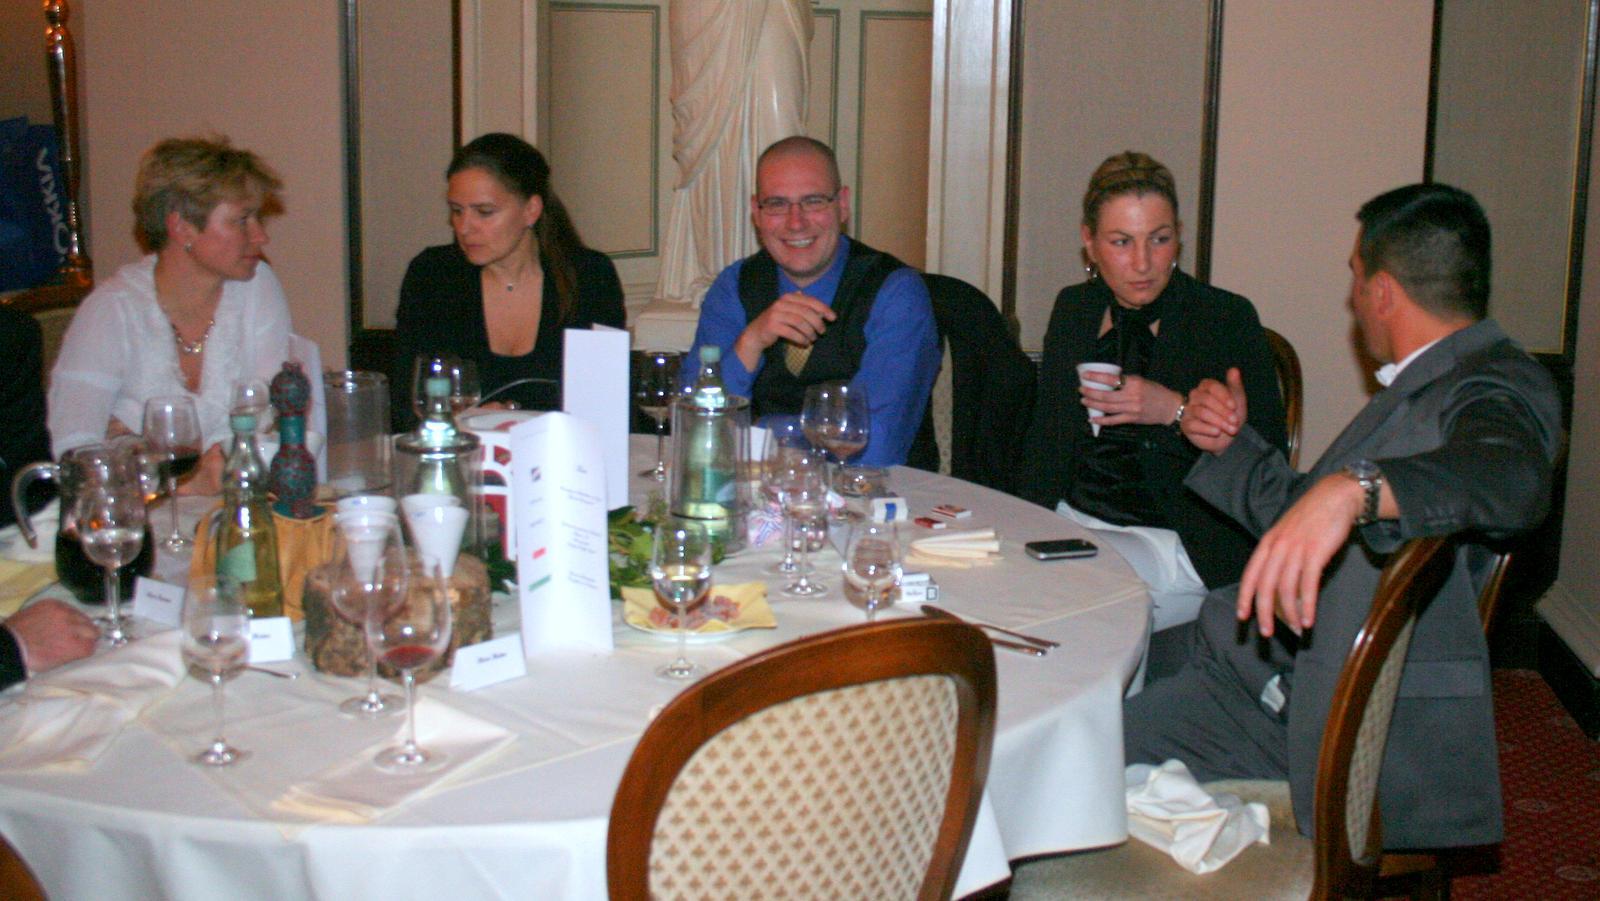 21-2007-11-11_Martensmann_196